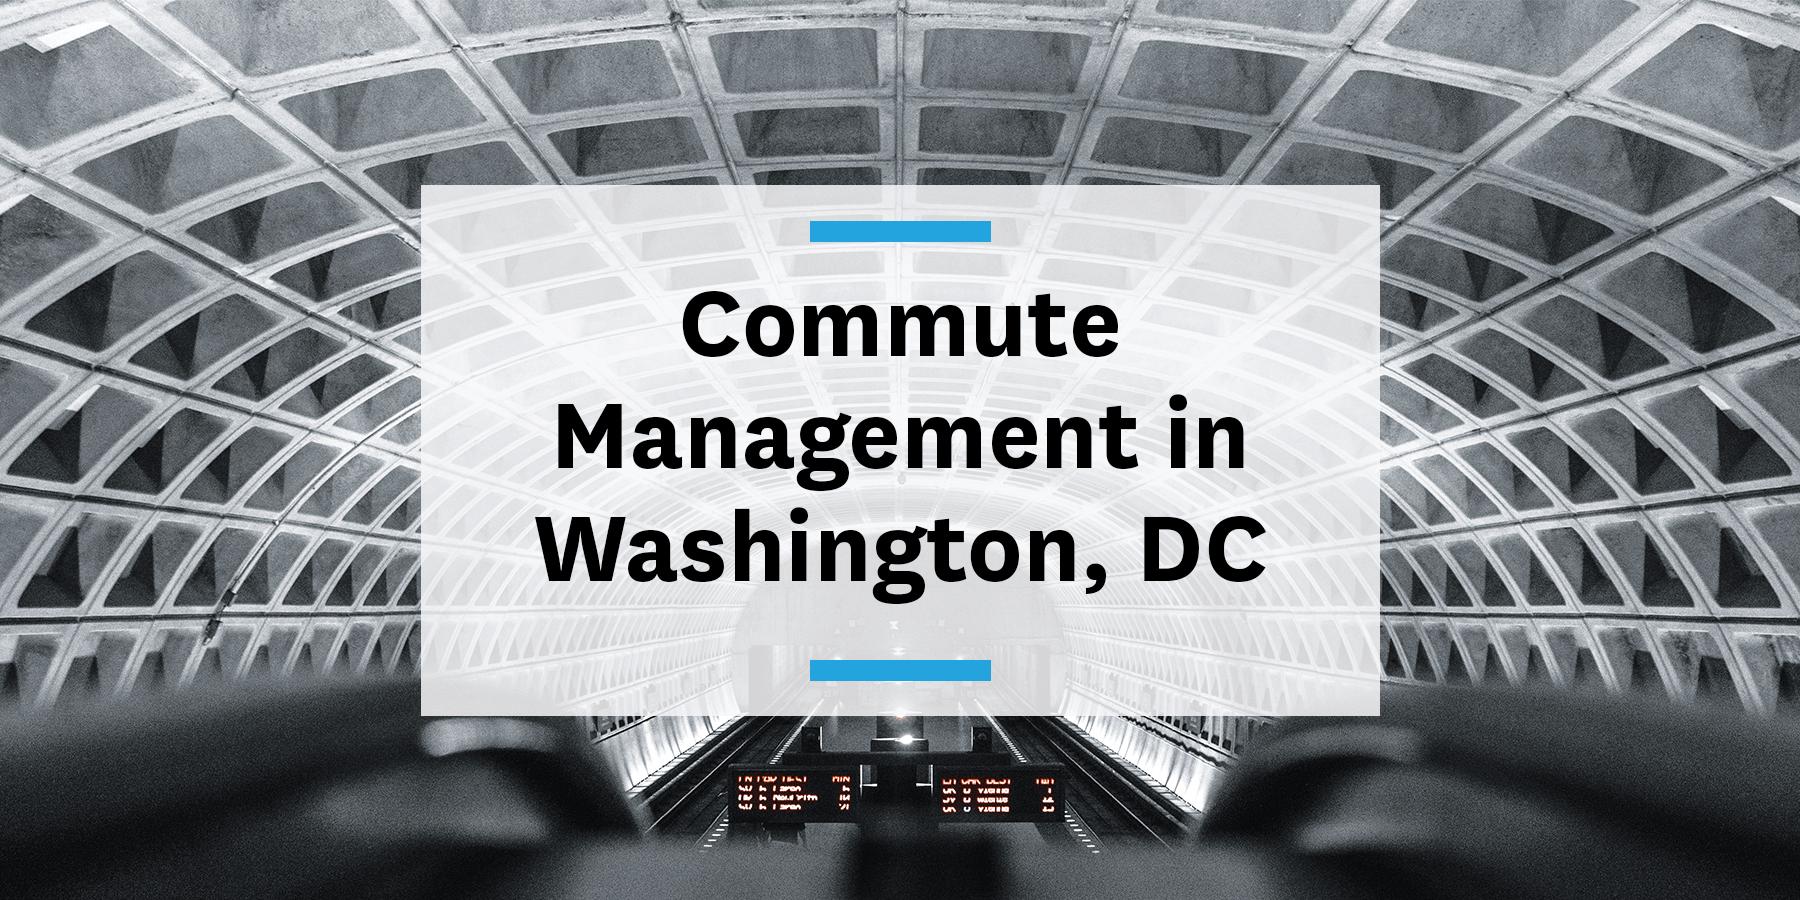 Building a commute management program in Washington DC